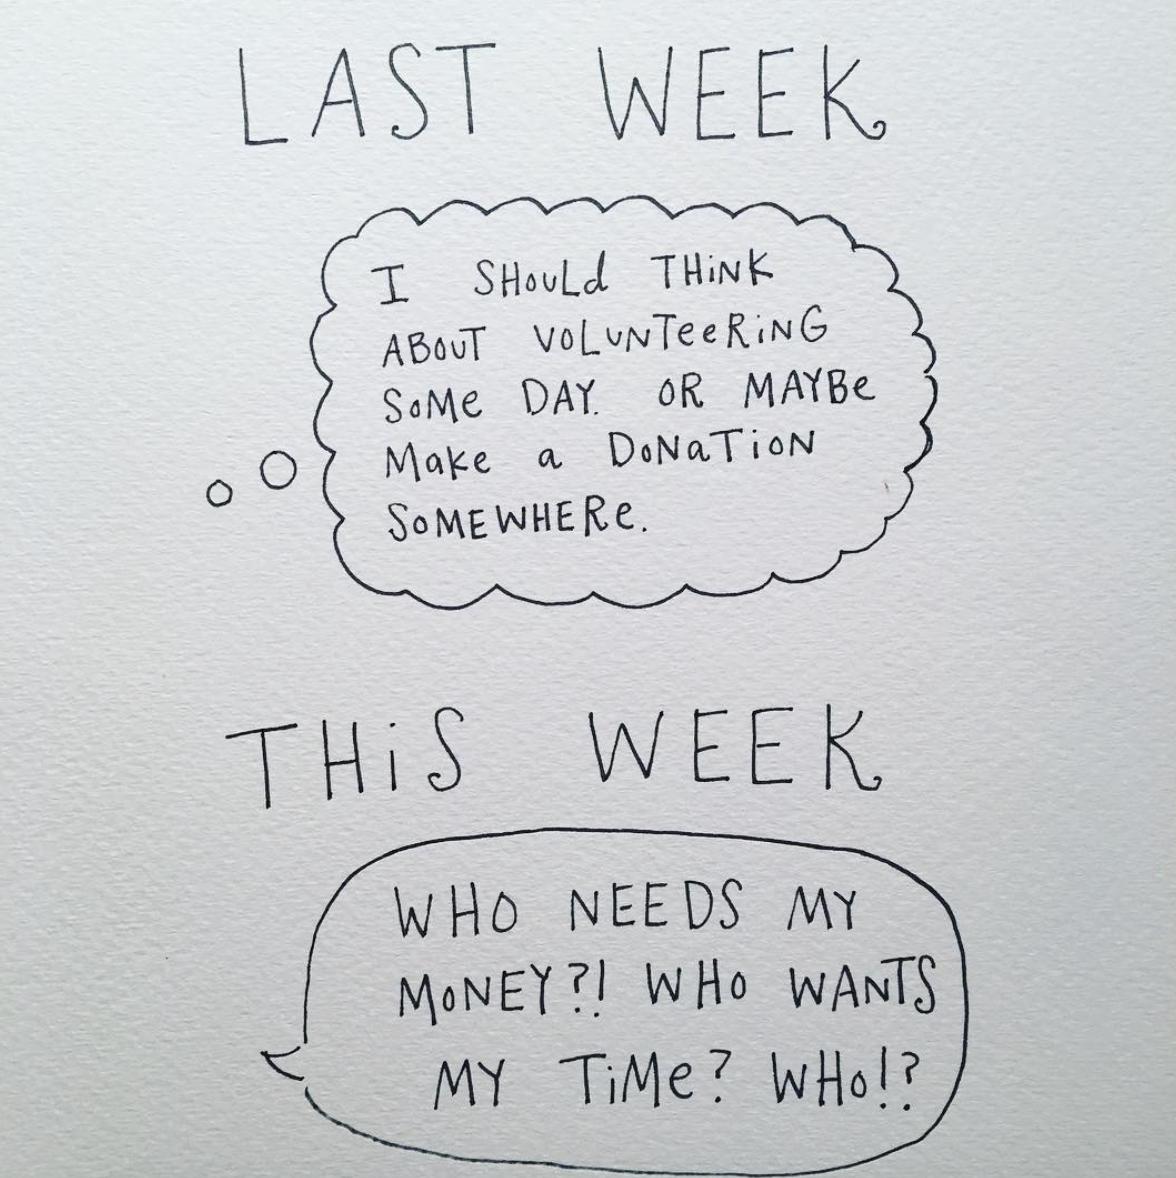 lastthisweek